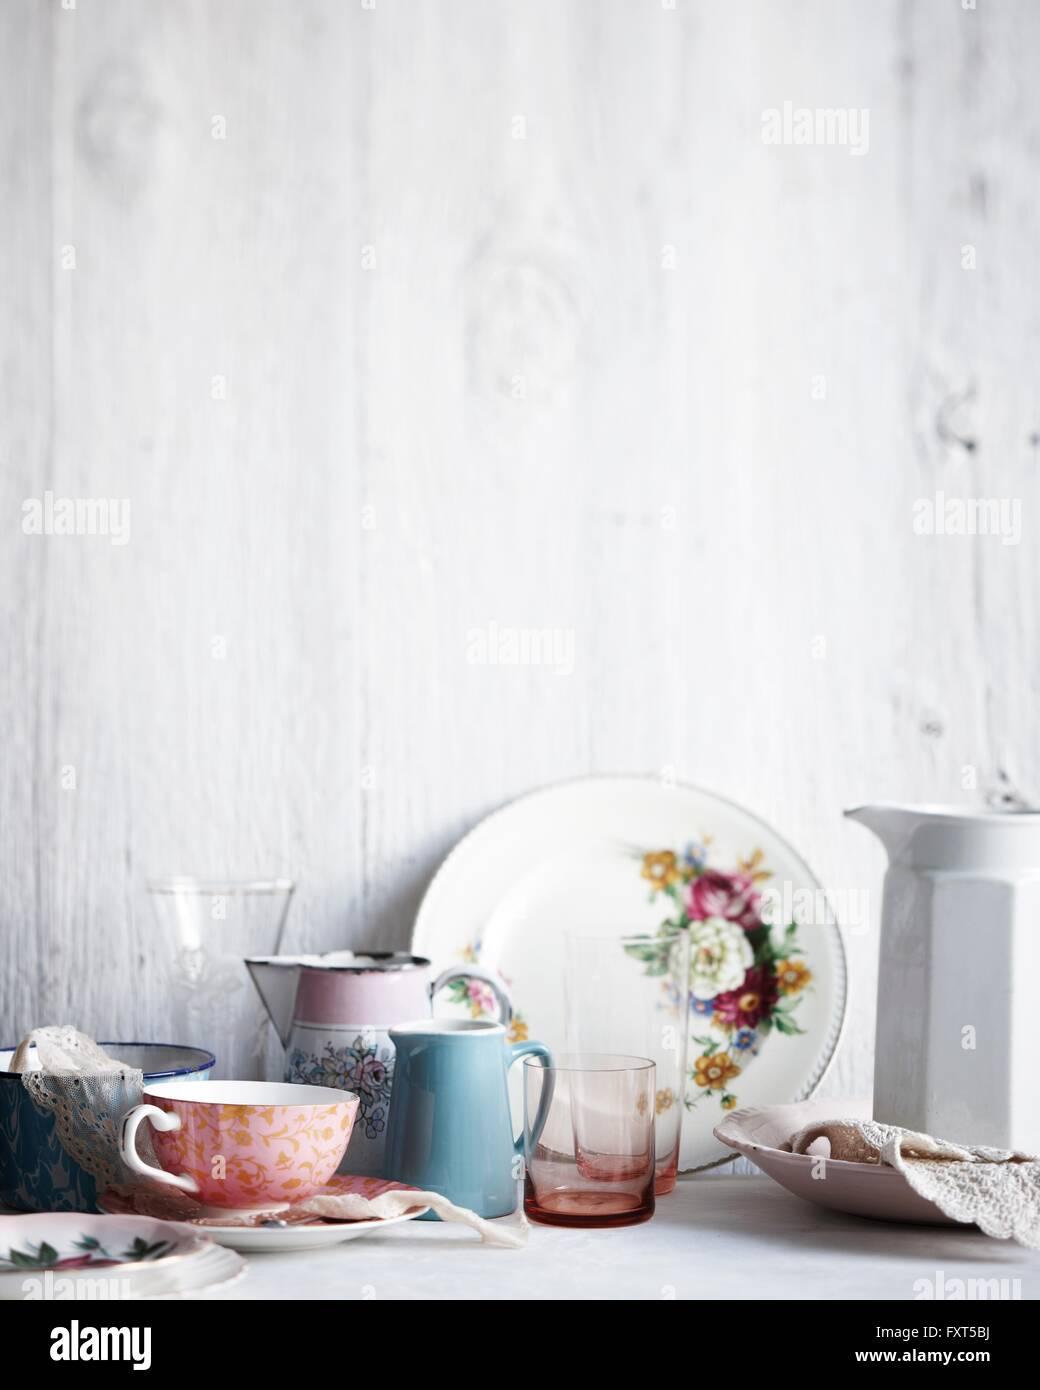 Gran variedad de vasos, platos y jarras de mesa blancas Imagen De Stock